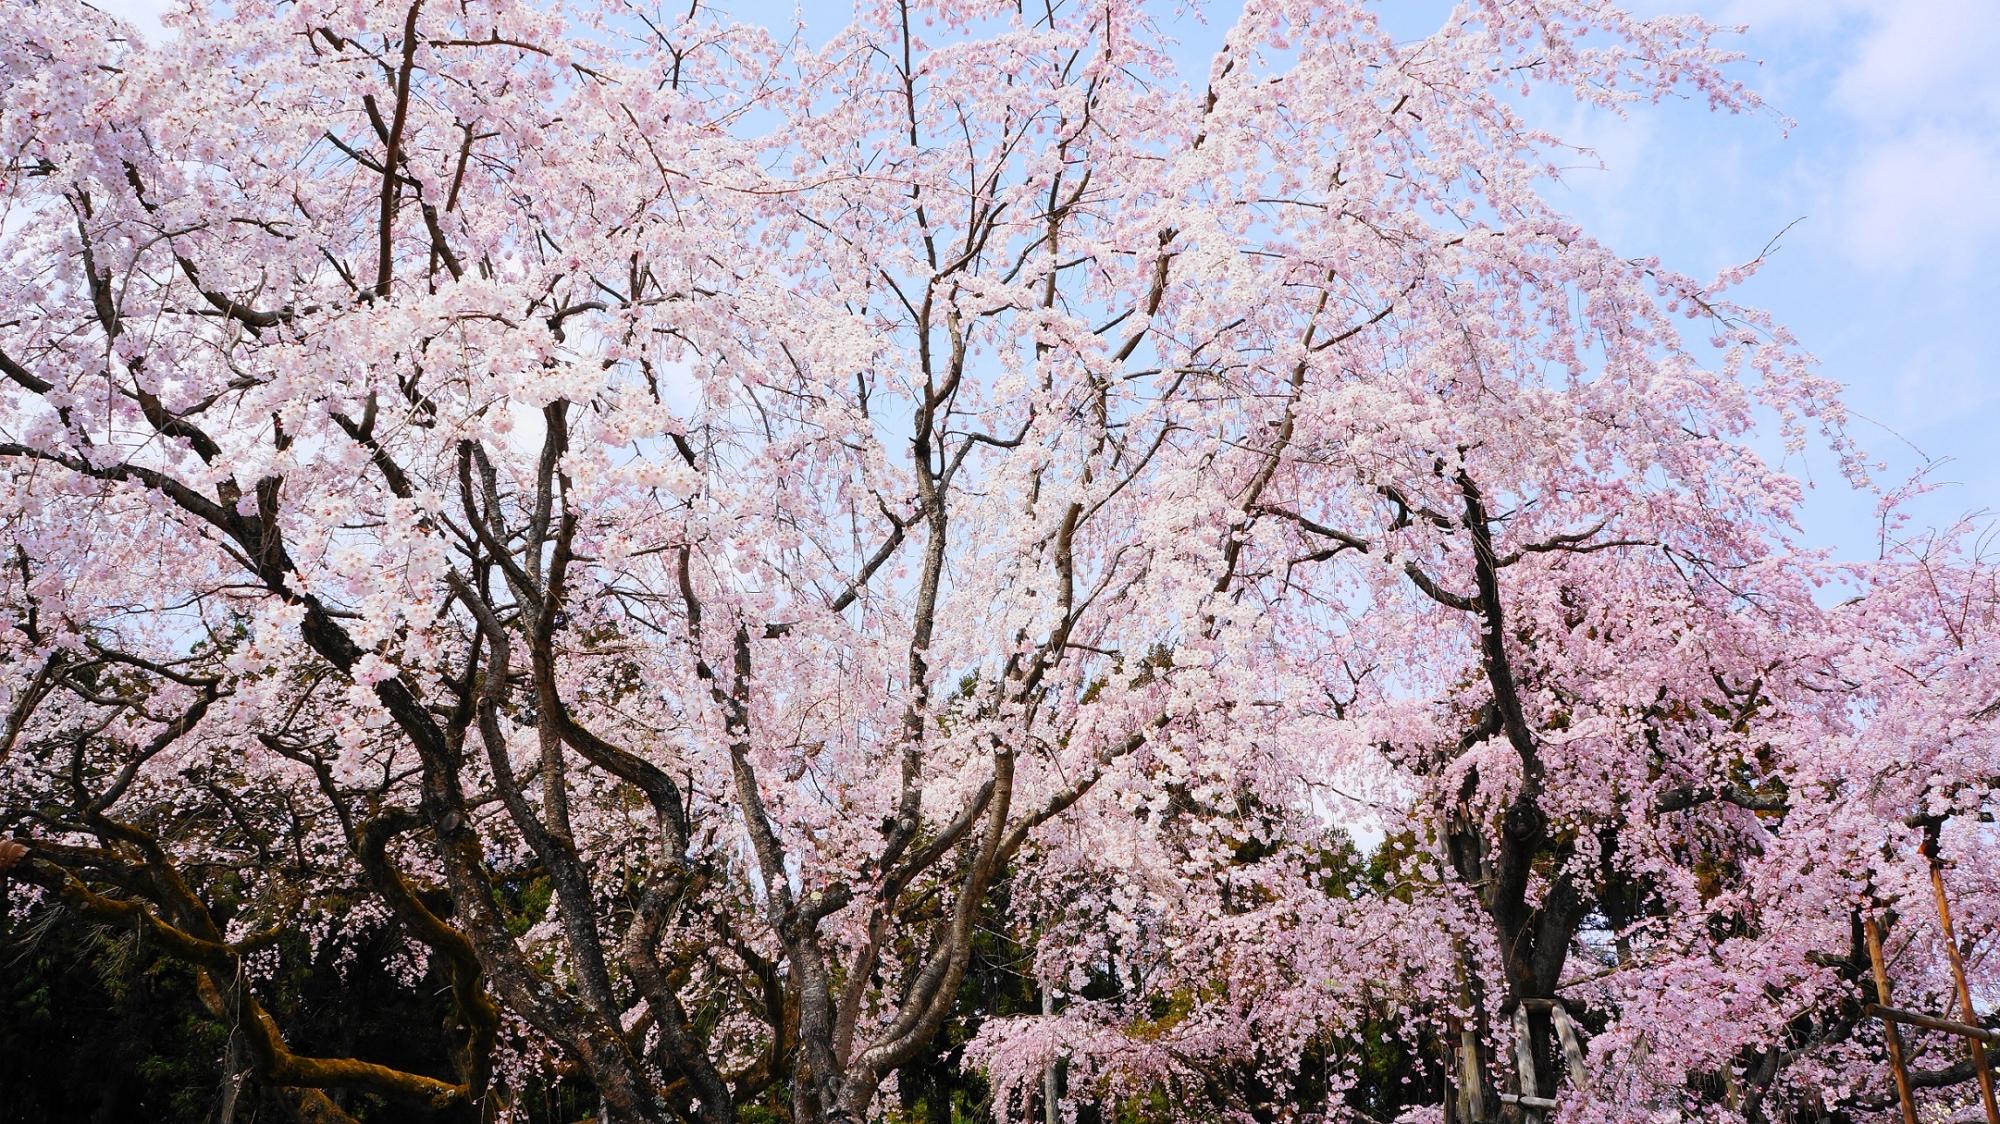 醍醐の花見で有名な京都醍醐寺の三宝院の満開の見事な太閤しだれ桜